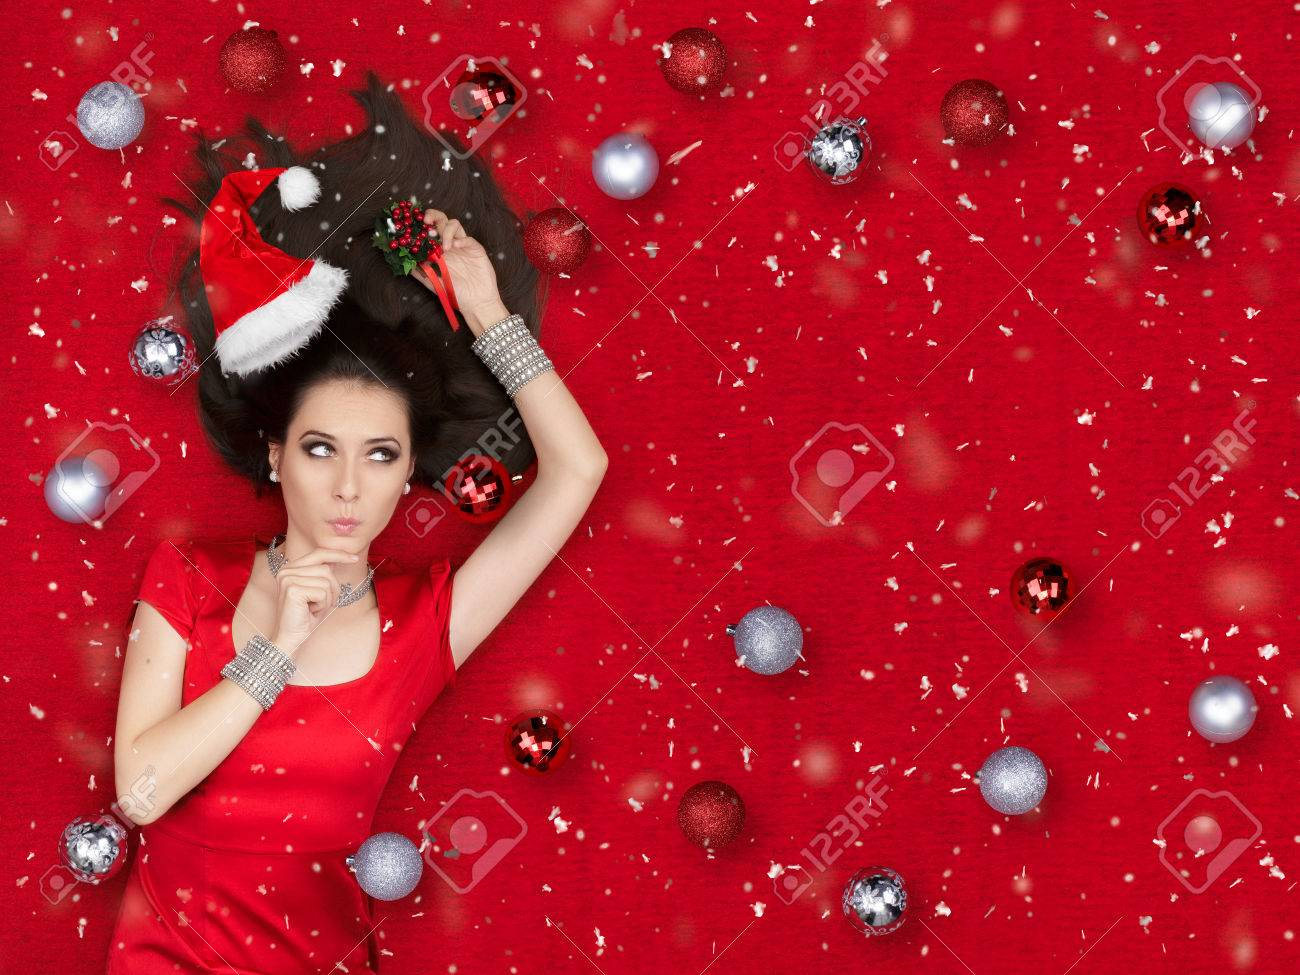 Weihnachten Mit Fantasy.Stock Photo